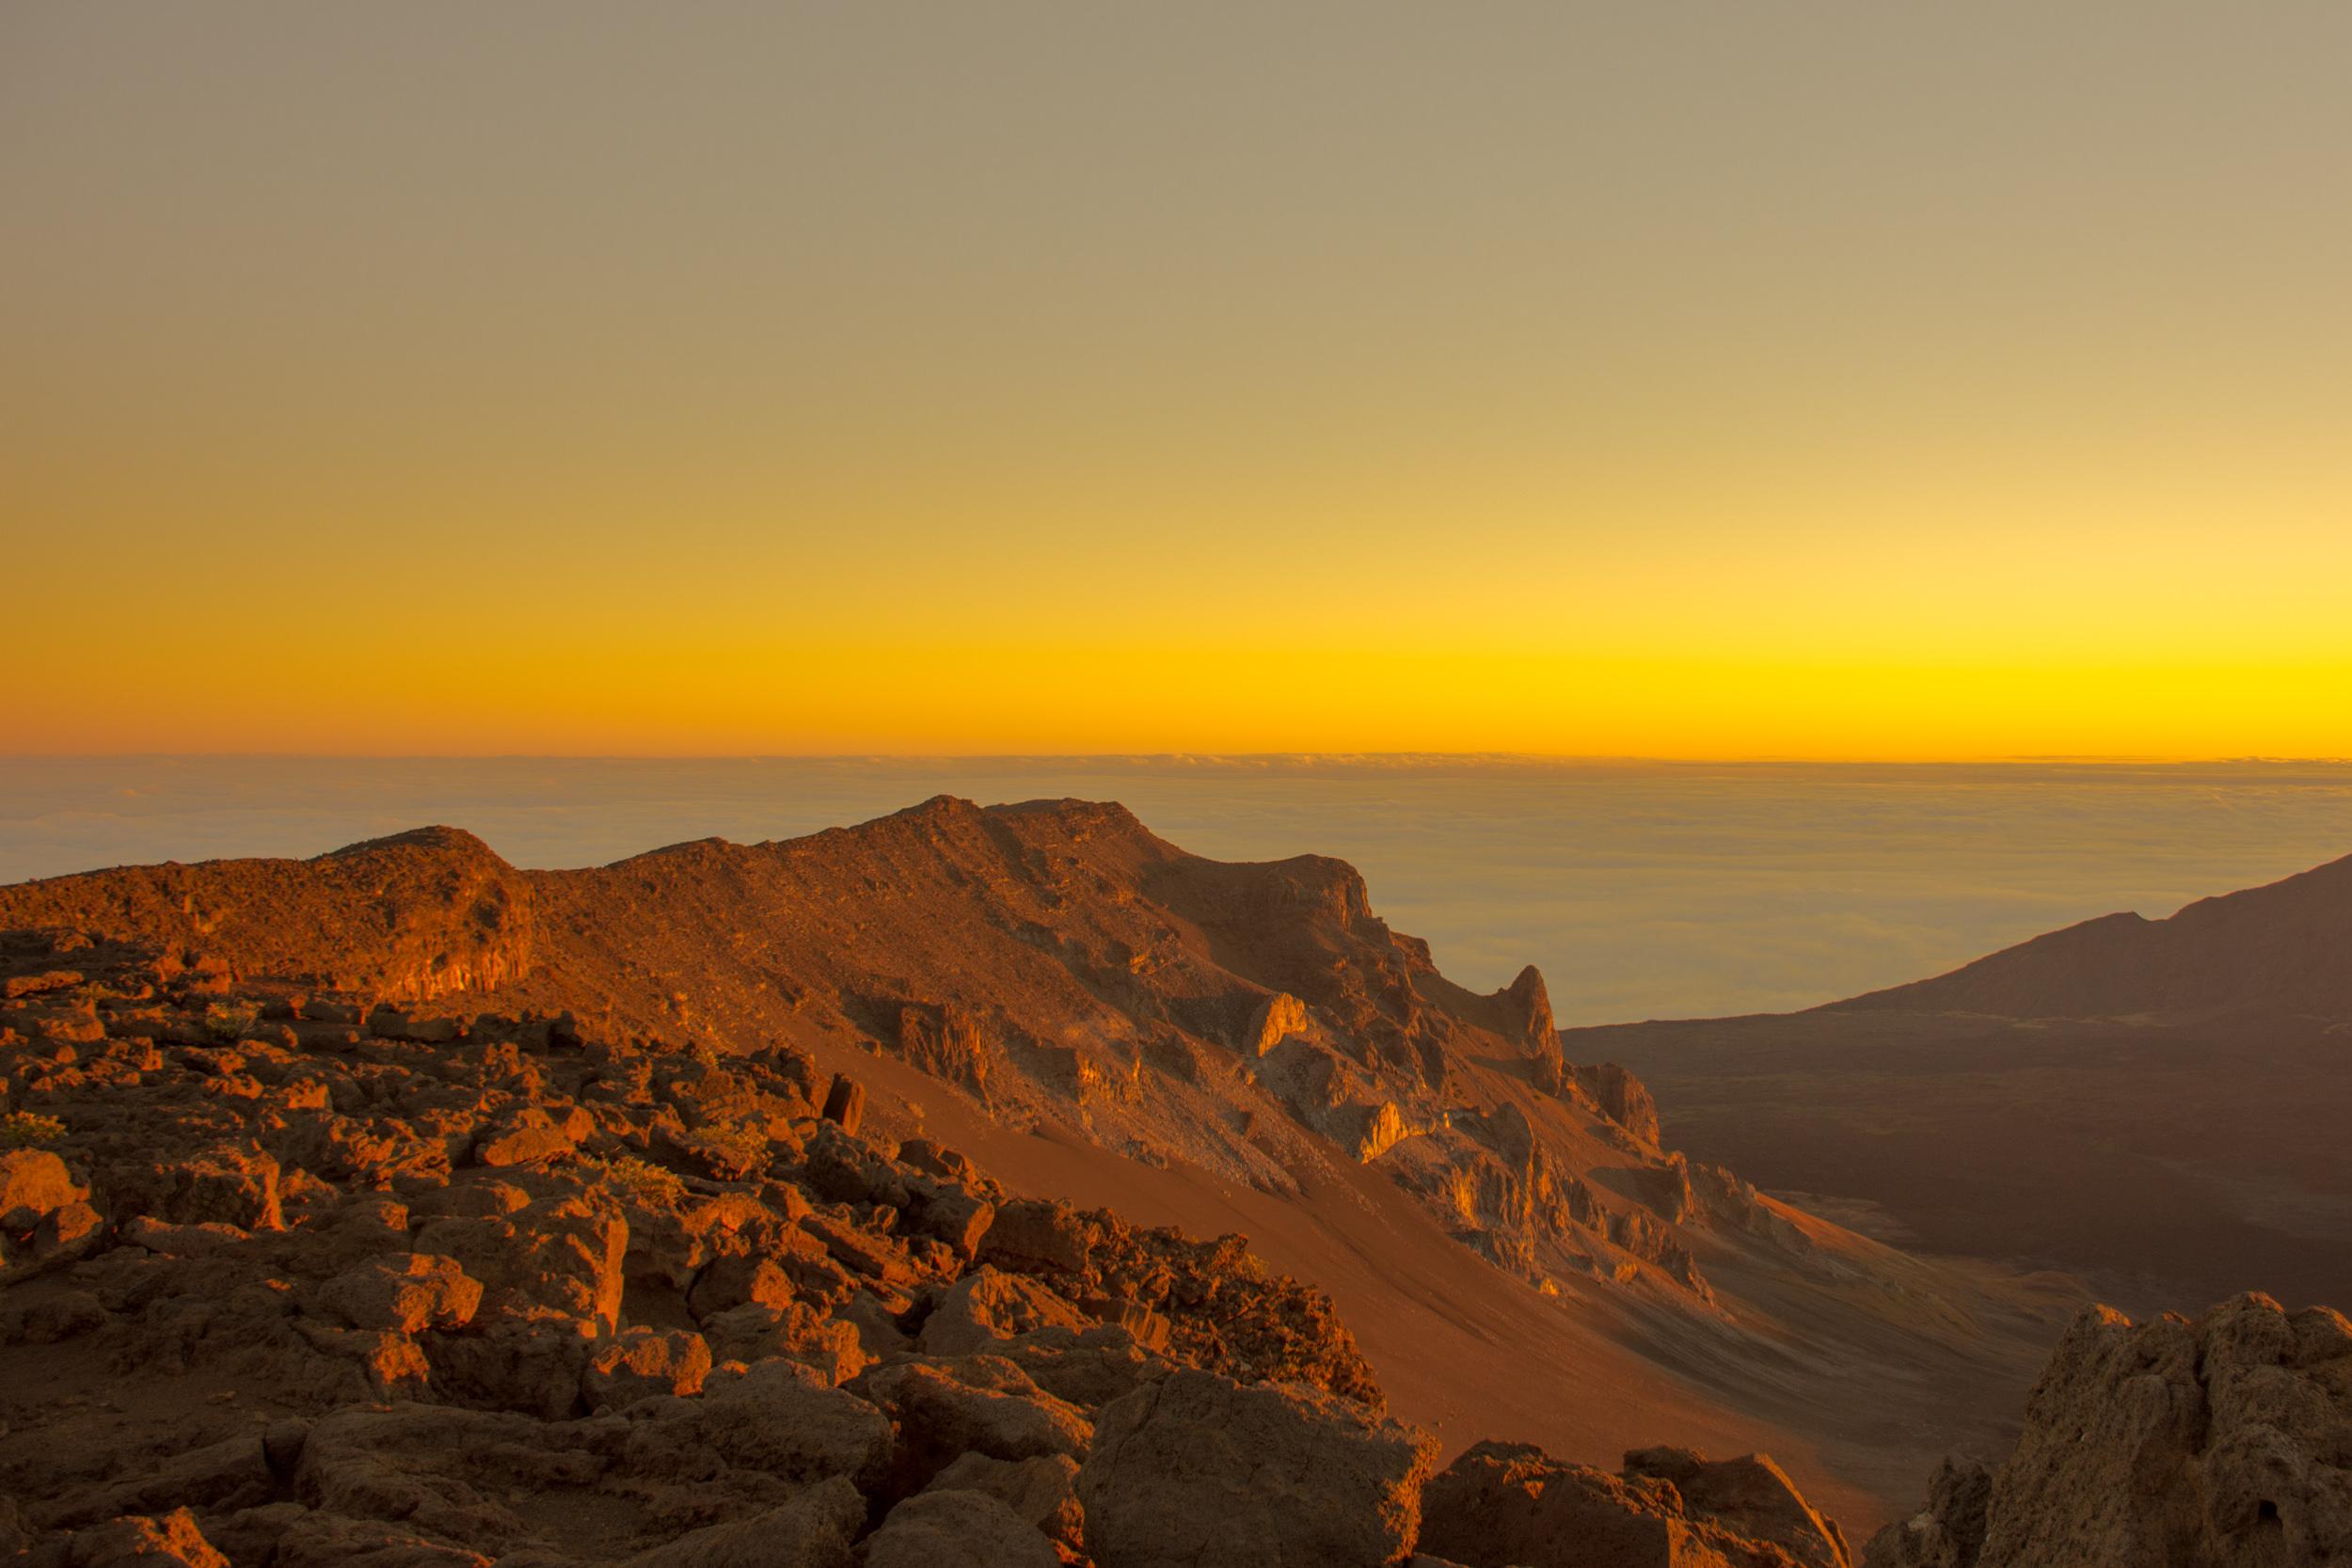 Mount Haleakala Sunrise